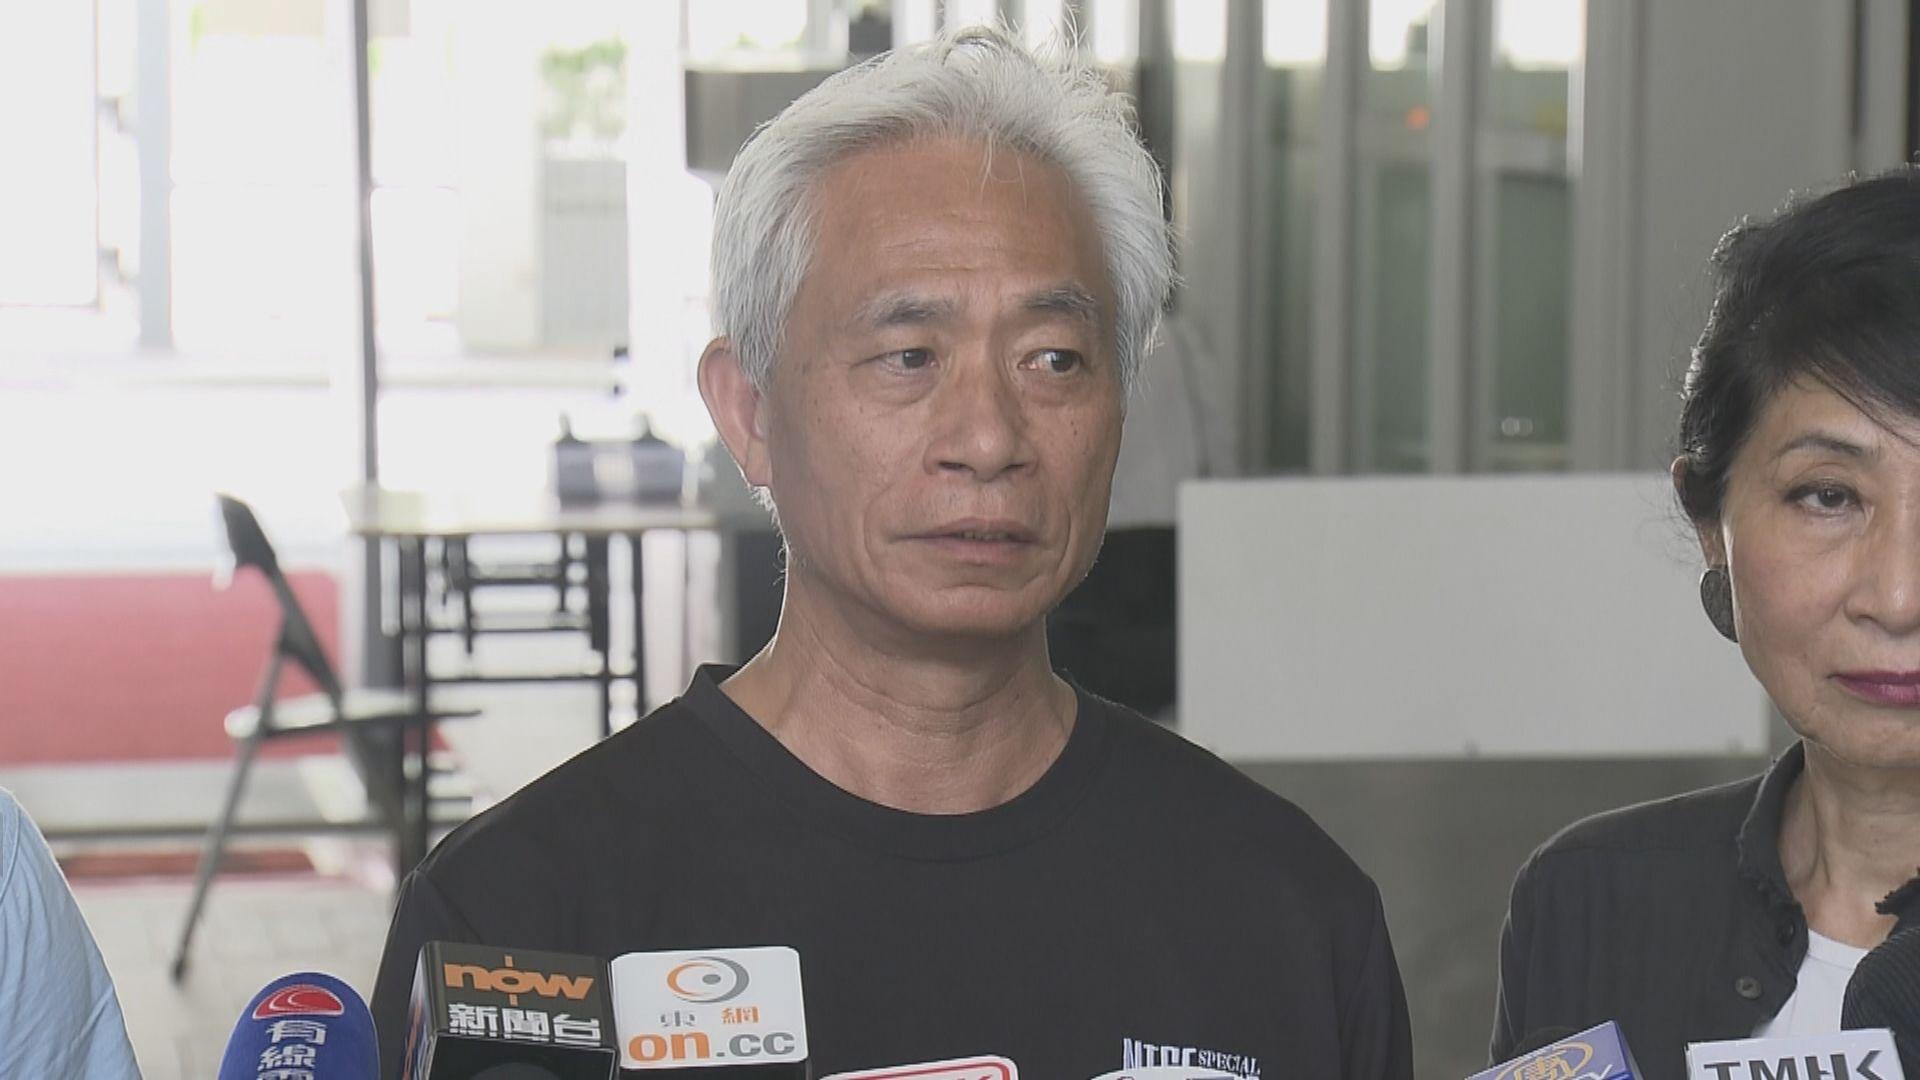 民主派:林鄭誣蔑這段時間抗爭運動